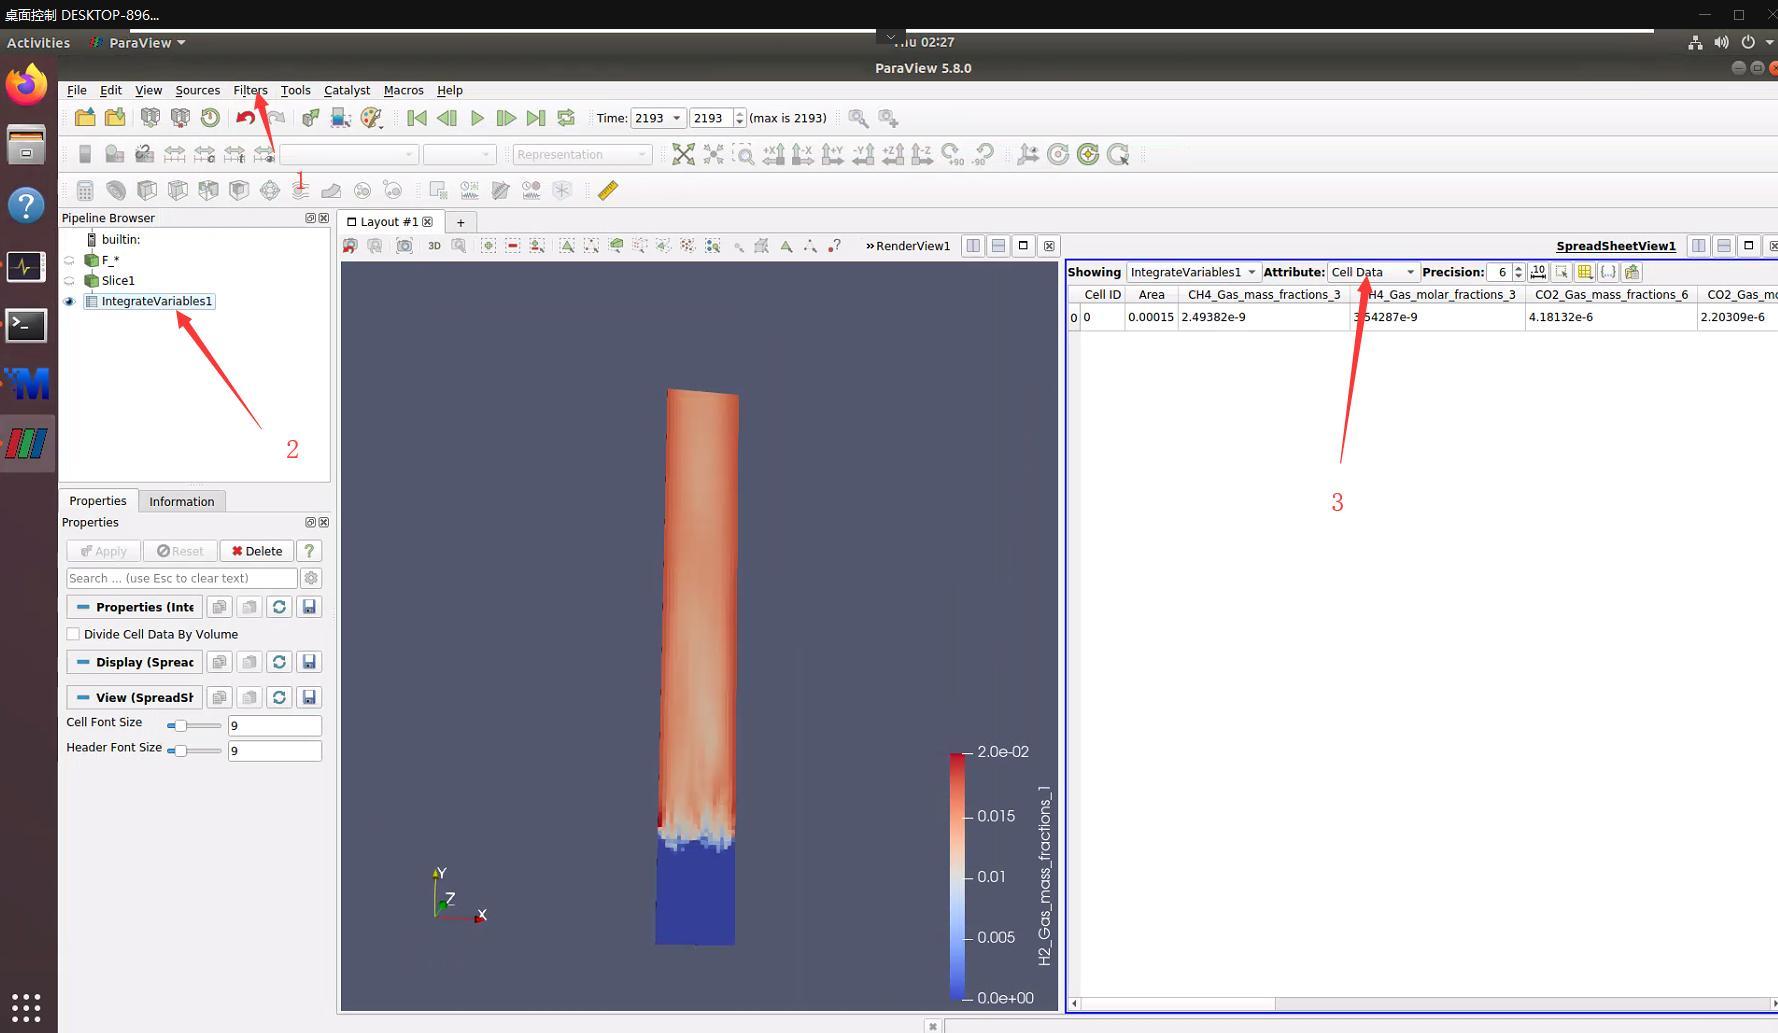 【paraview進行MFiX后處理】如何計算某一氣體組分的質量流量/氣體總產量 - 灰信網(軟件開發博客聚合)